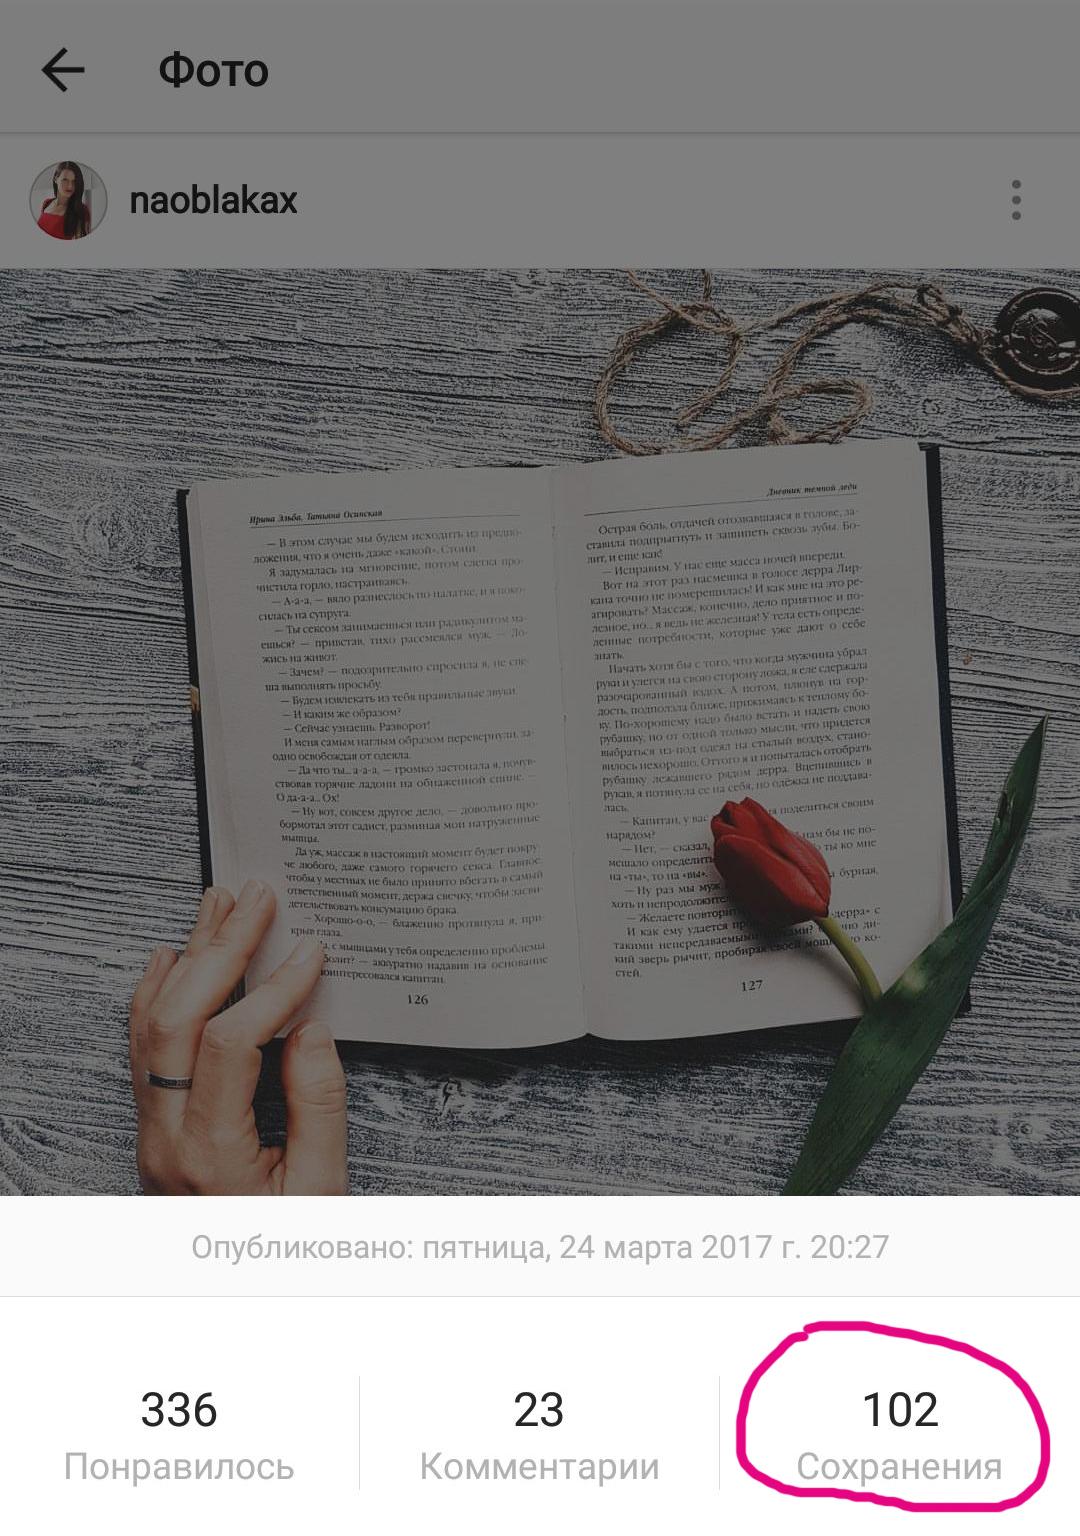 kak-soxranit-foto-v-instagram | naoblakax.ru